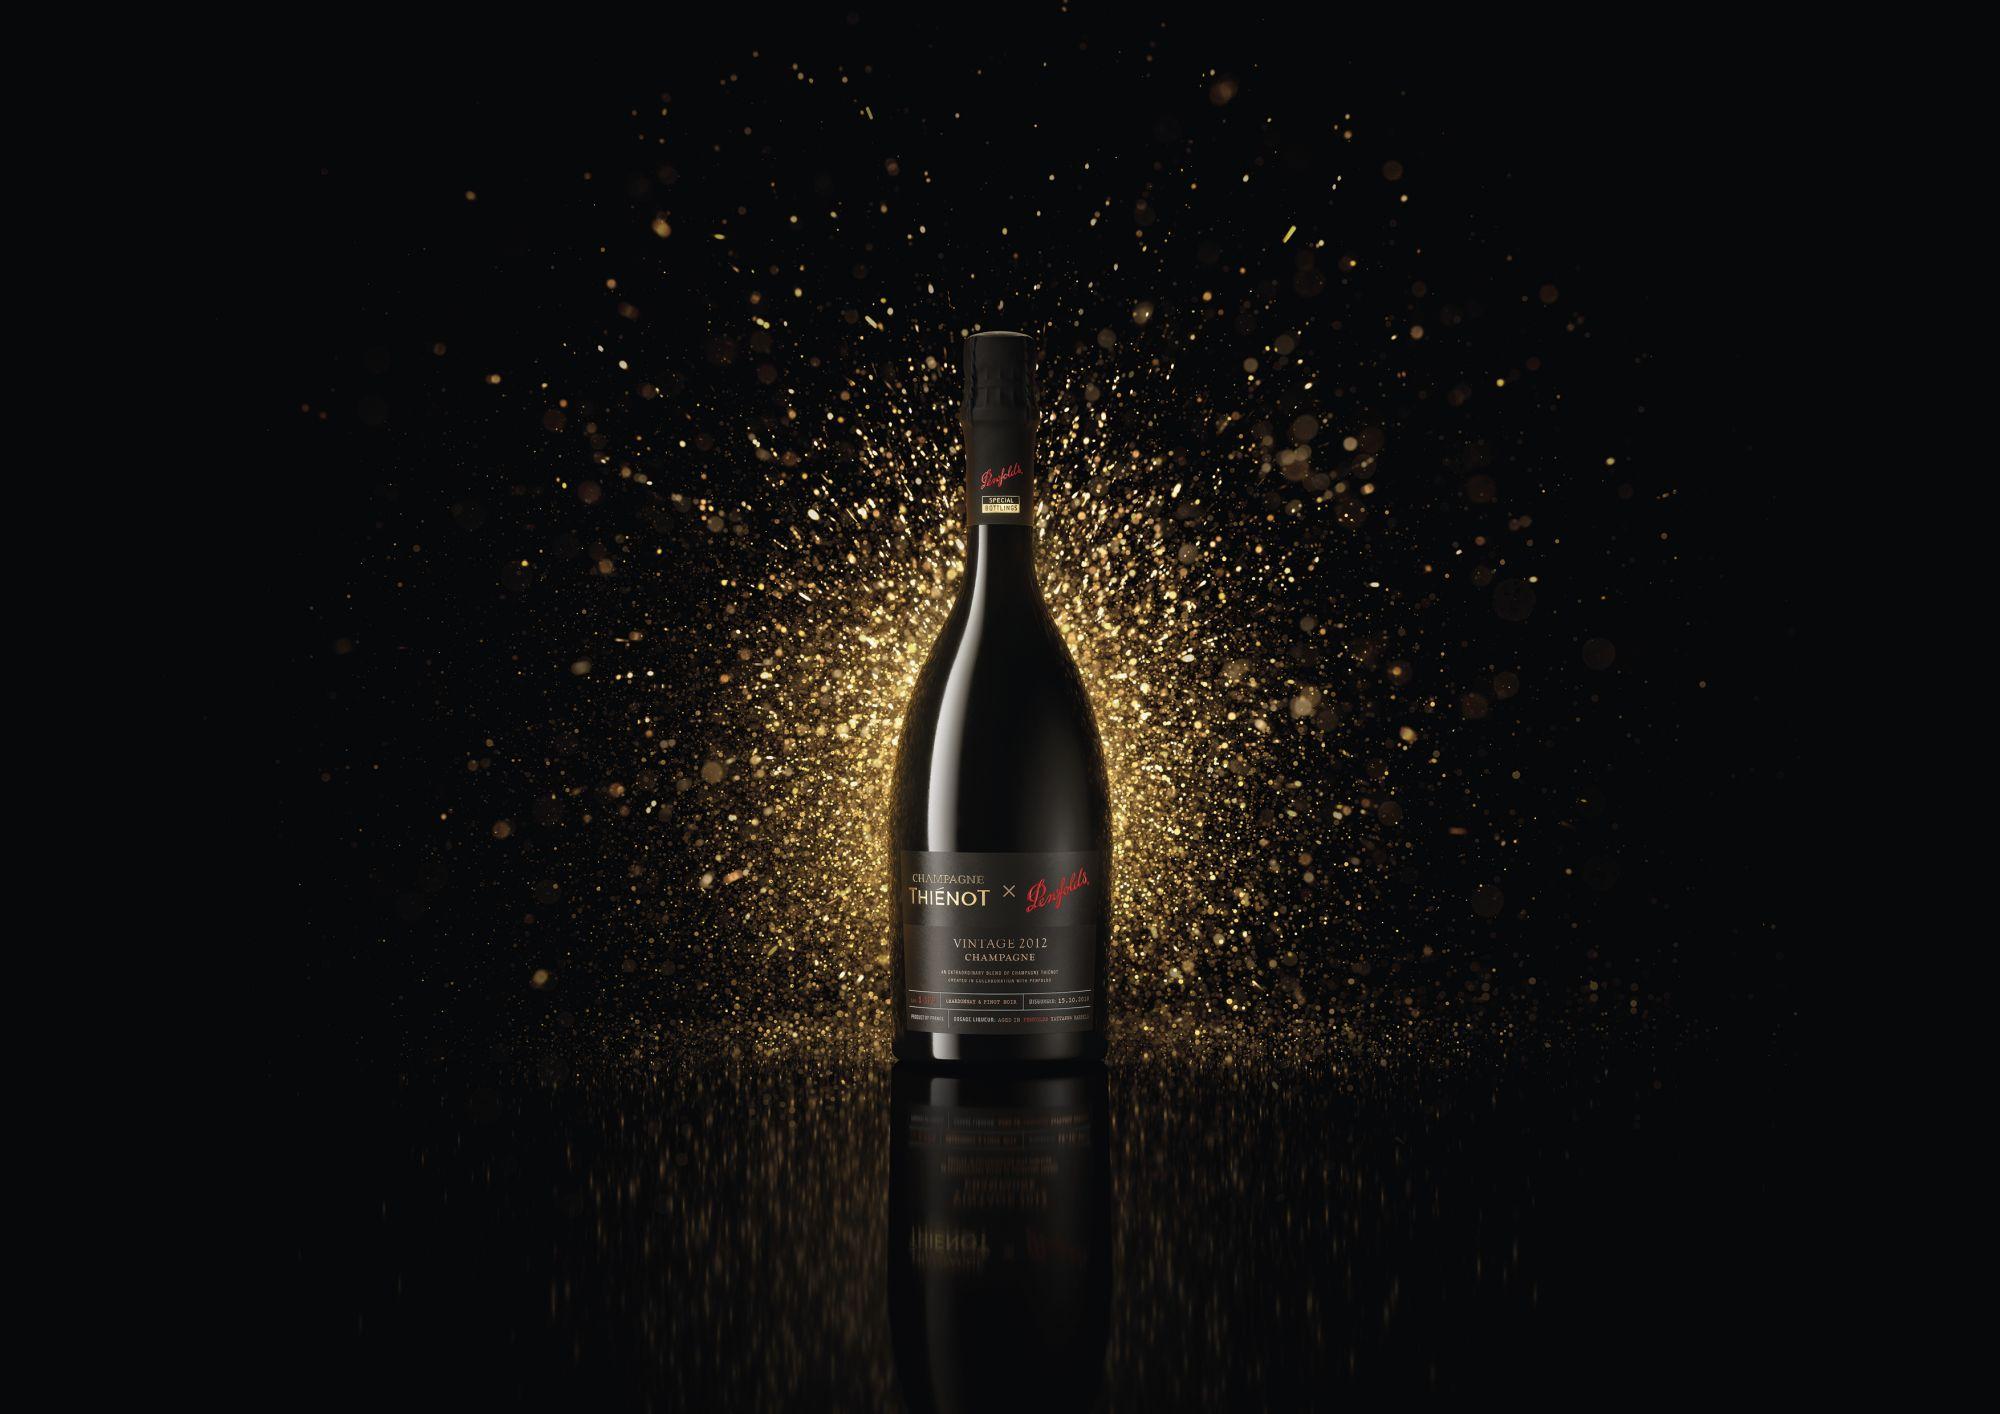 ペンフォールズがティエノとのコラボシャンパンブランドを発表